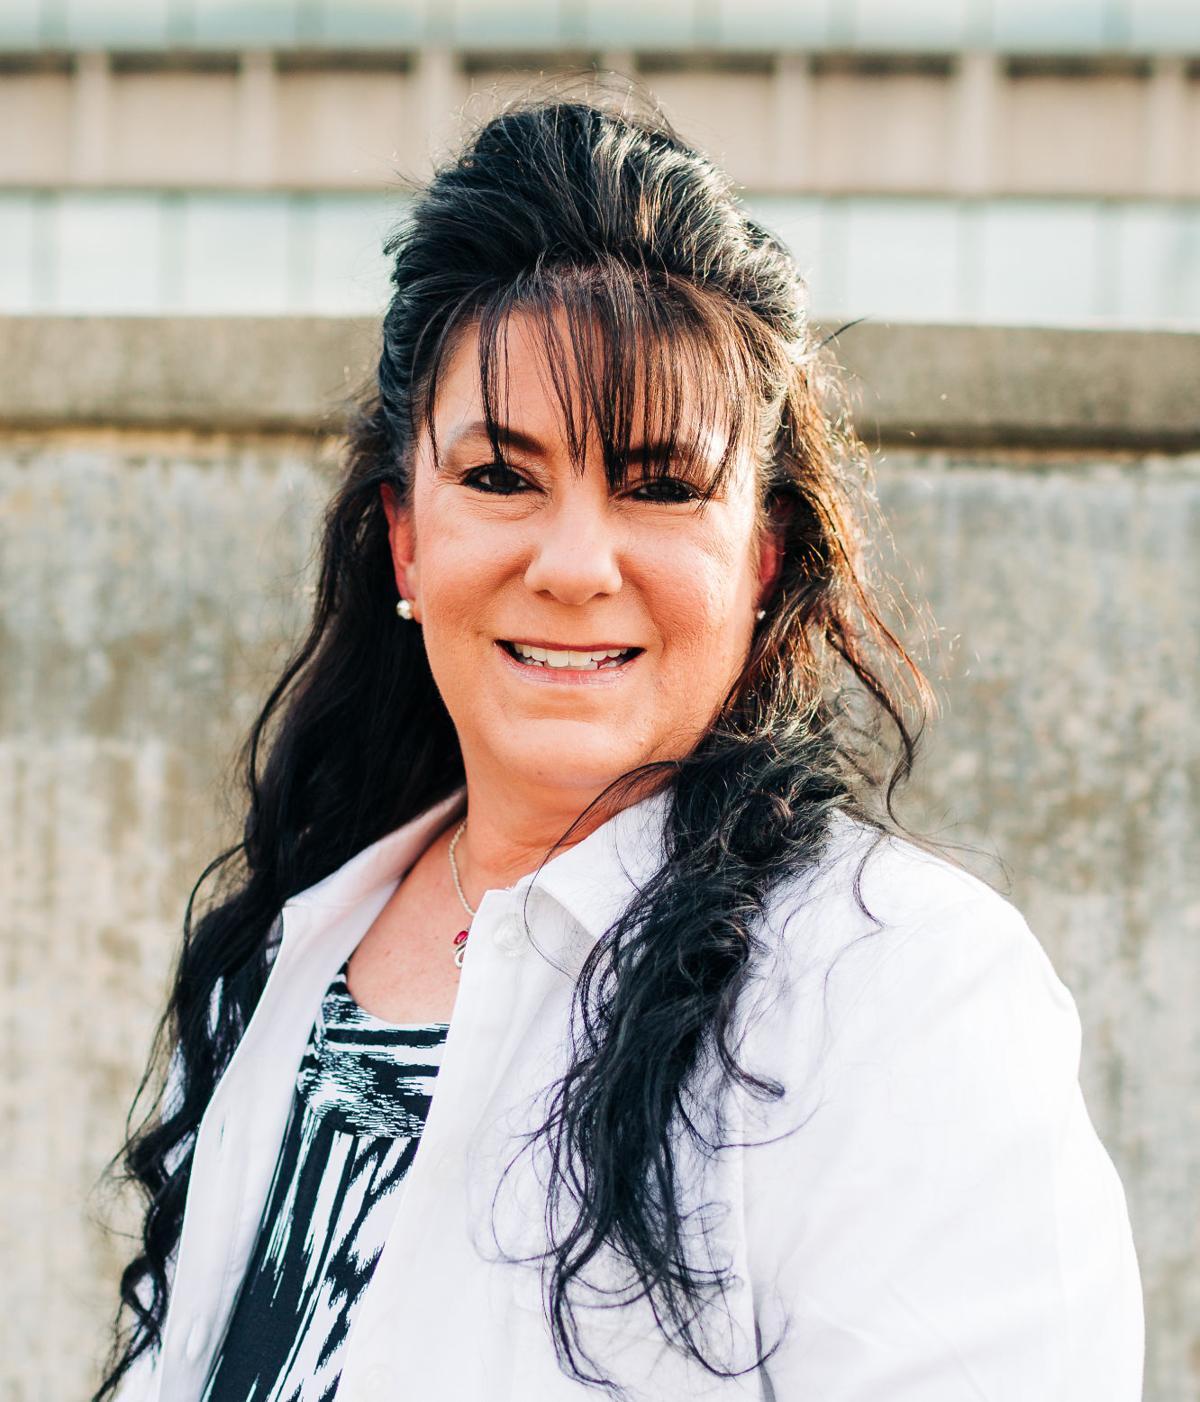 Lourdes Carvalho